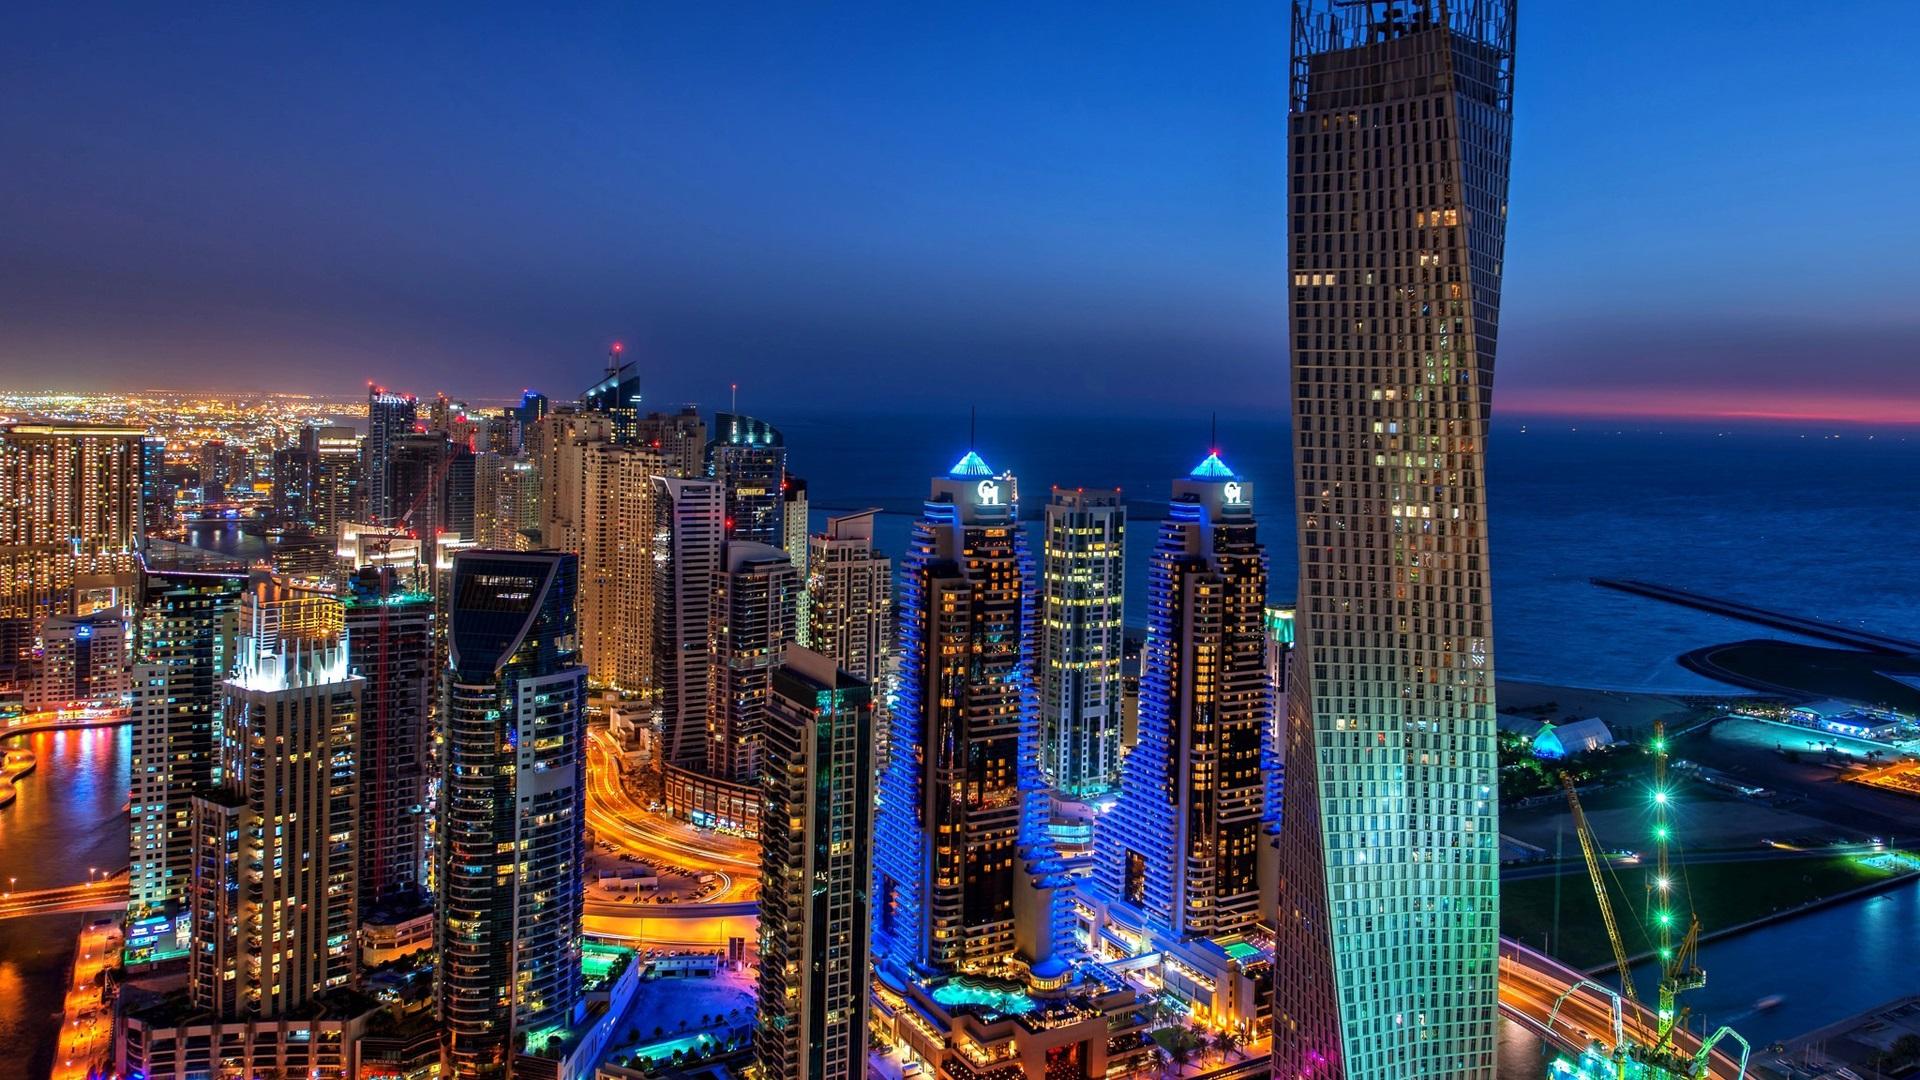 迪拜,城市,夜晚,灯光,建筑,摩天大楼 壁纸 - 1920x1080图片